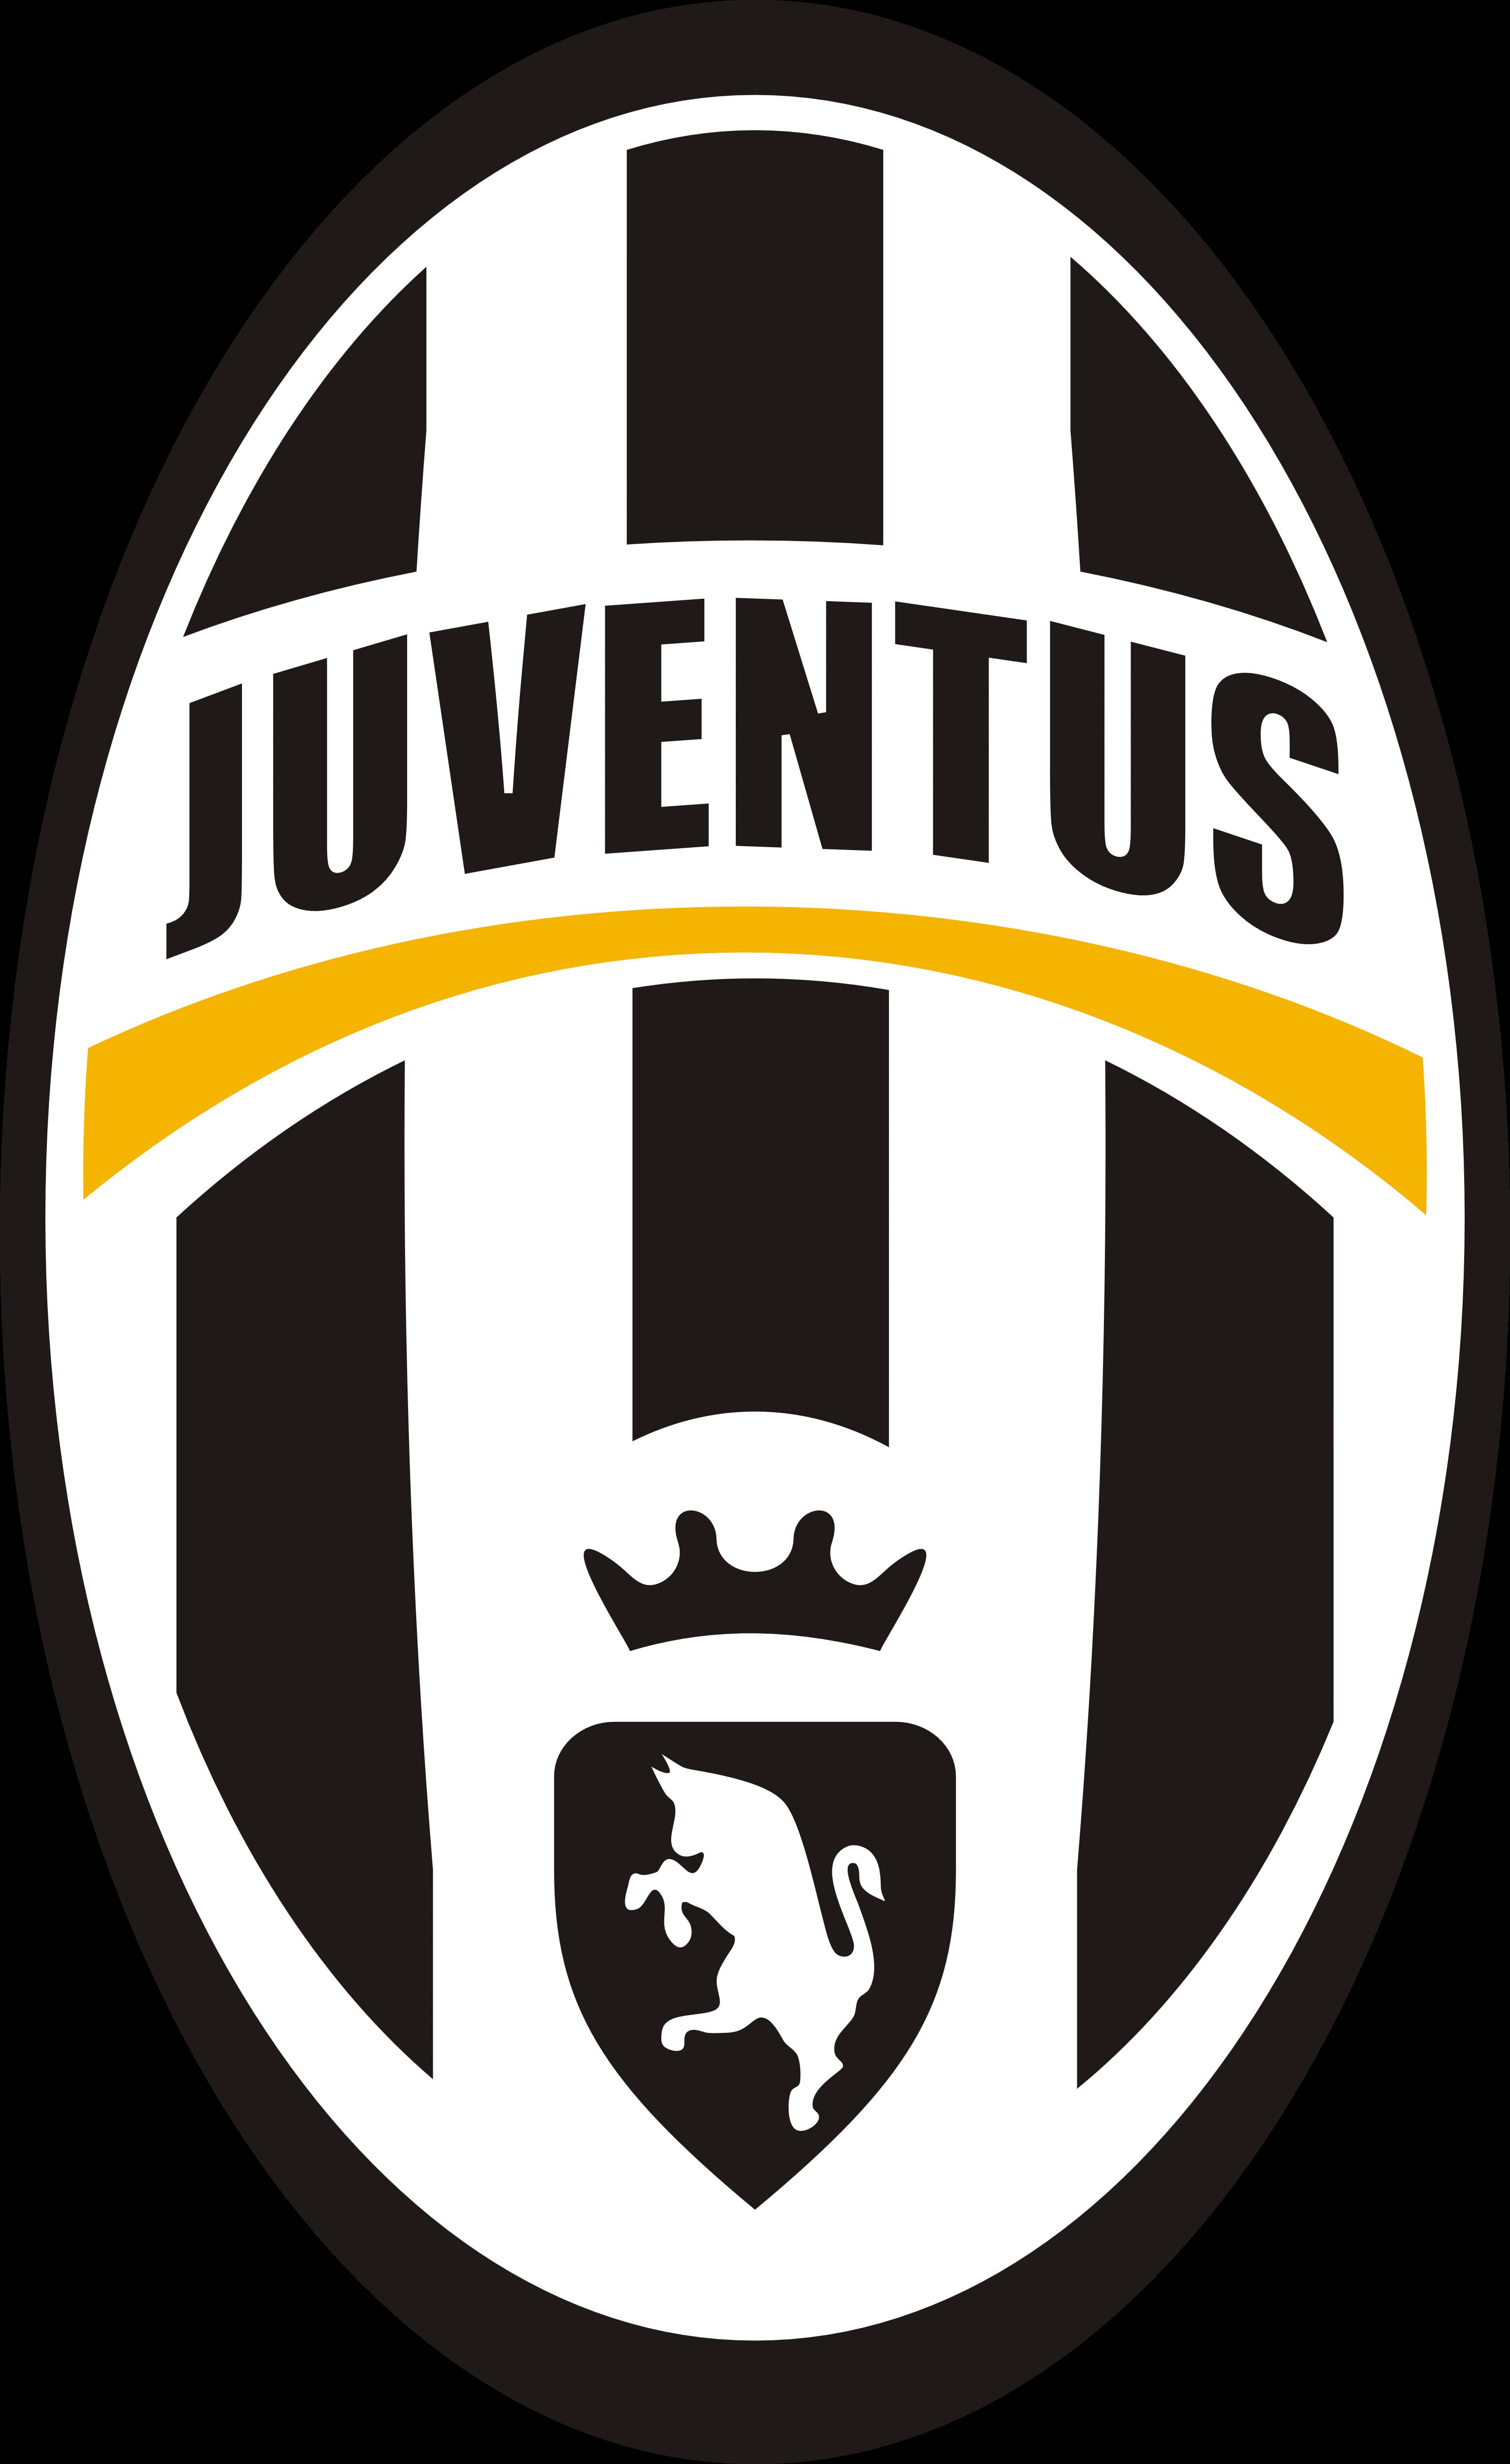 Juventus FC – Logos Download   3064 x 5000 png 504kB